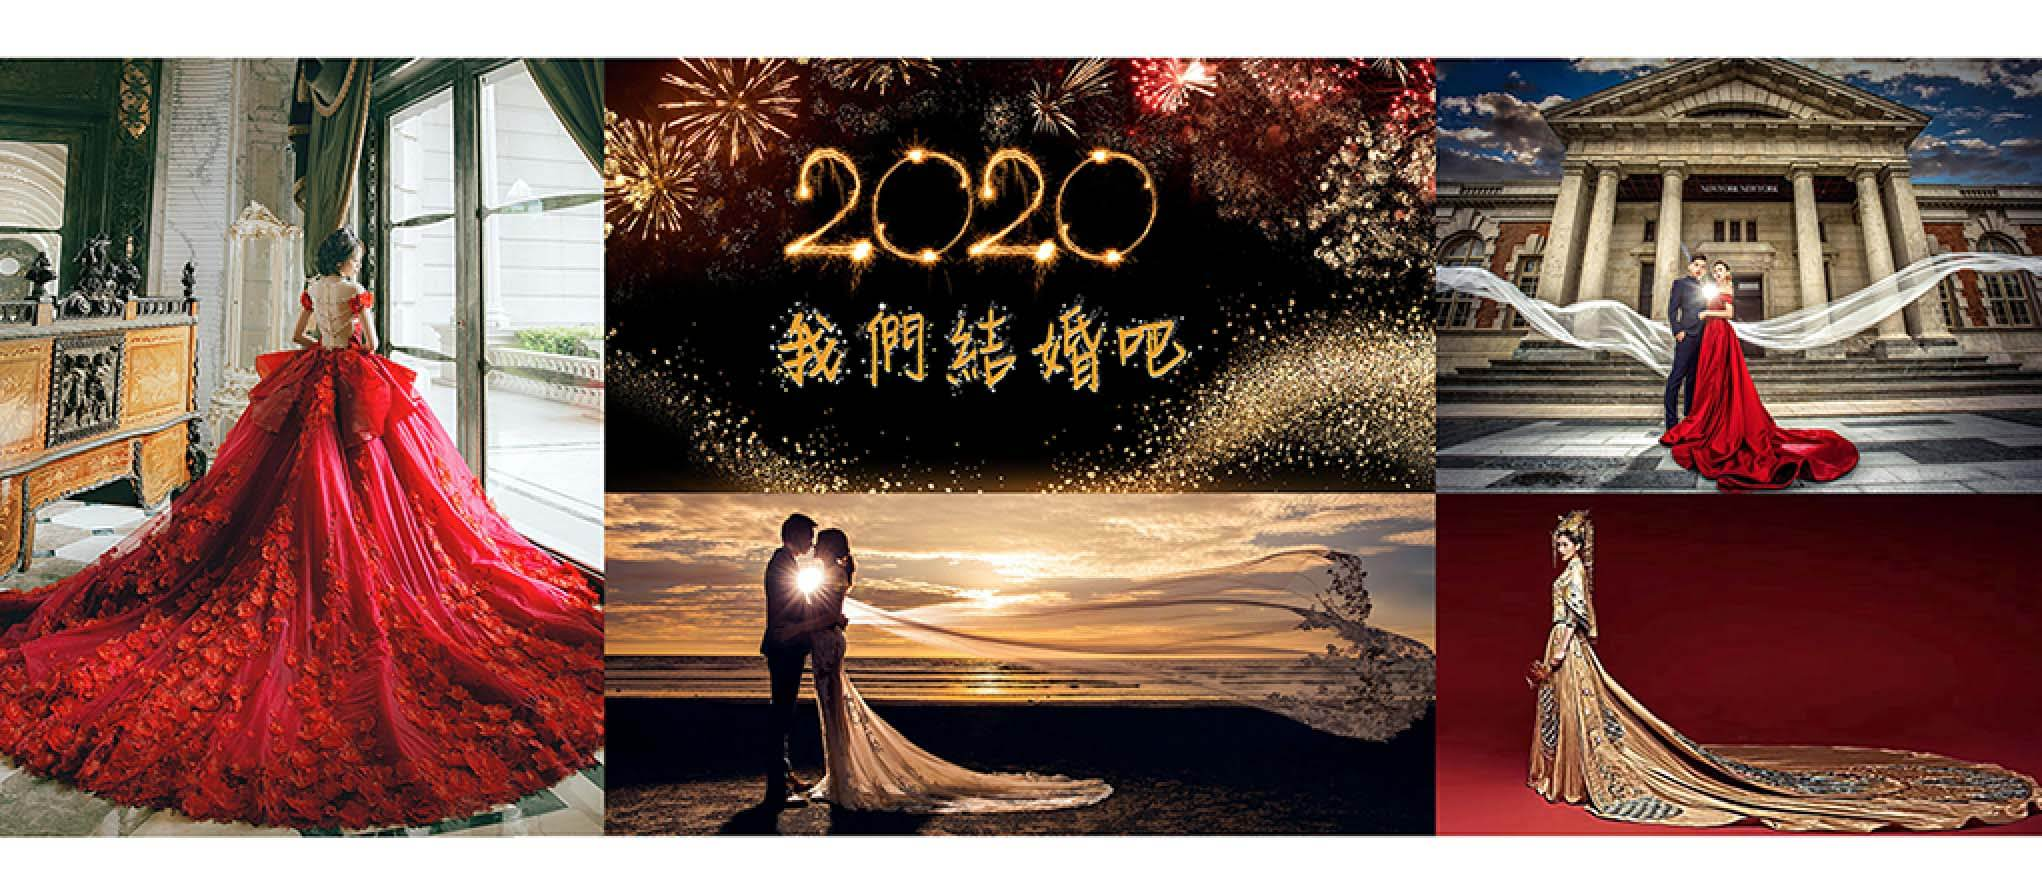 嘉義紐約紐約婚紗 2020婚紗專案